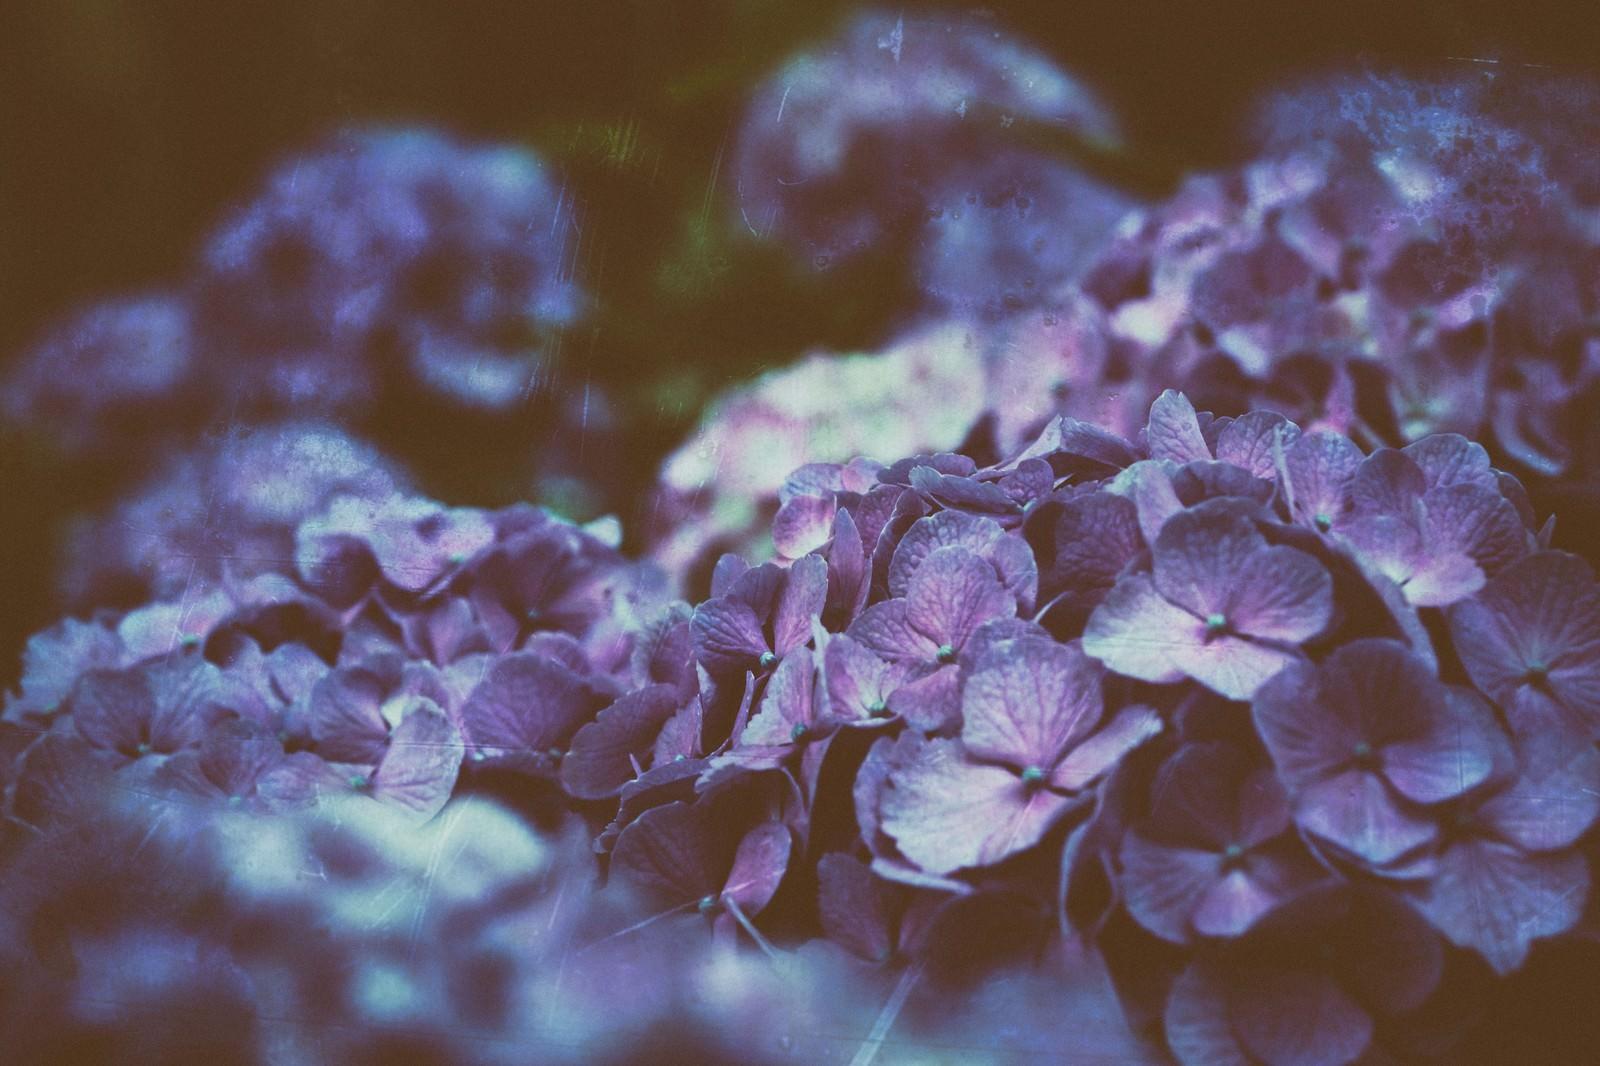 「ひしめき咲く紫陽花の花ひしめき咲く紫陽花の花」のフリー写真素材を拡大